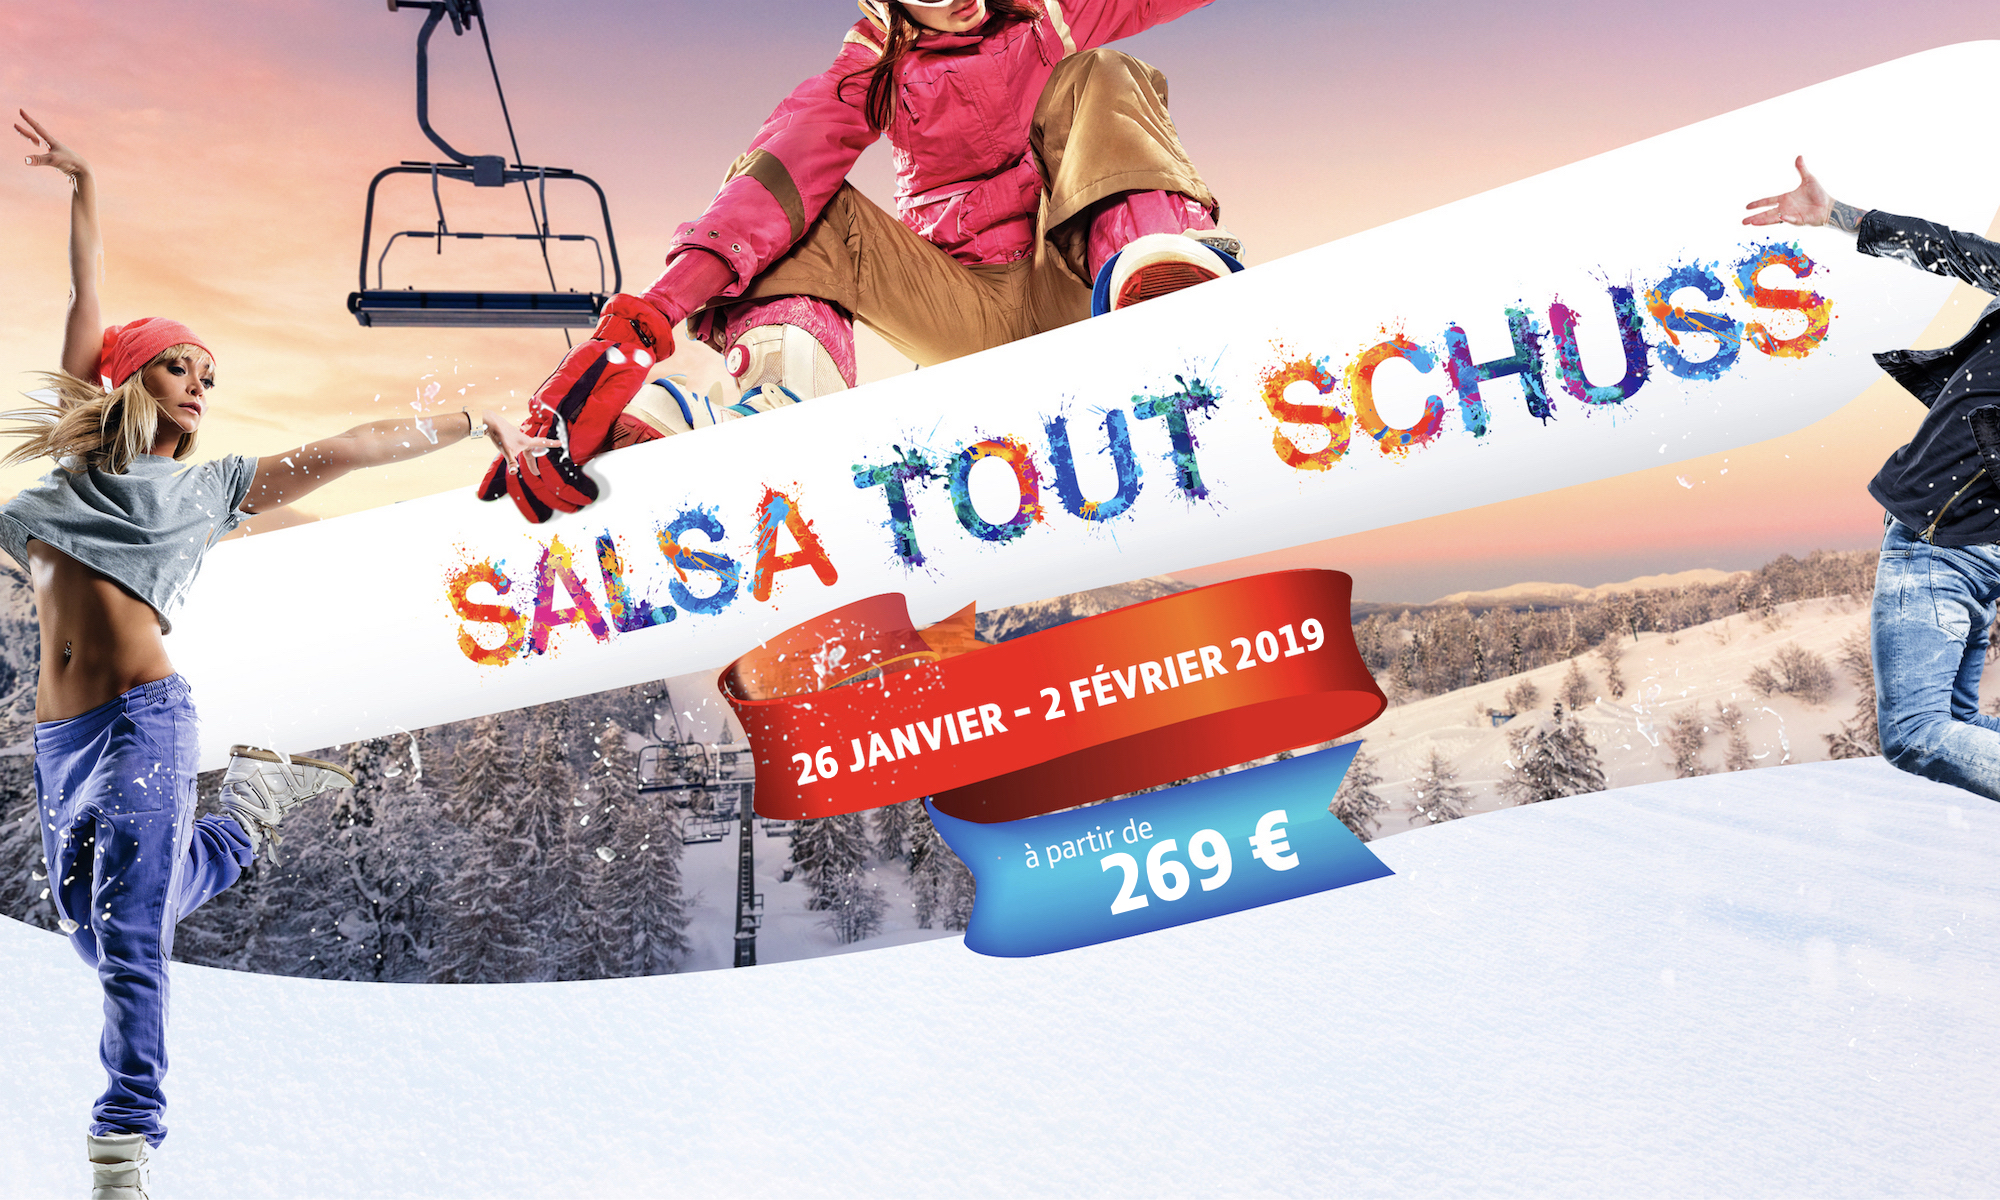 Salsa Tout Schuss